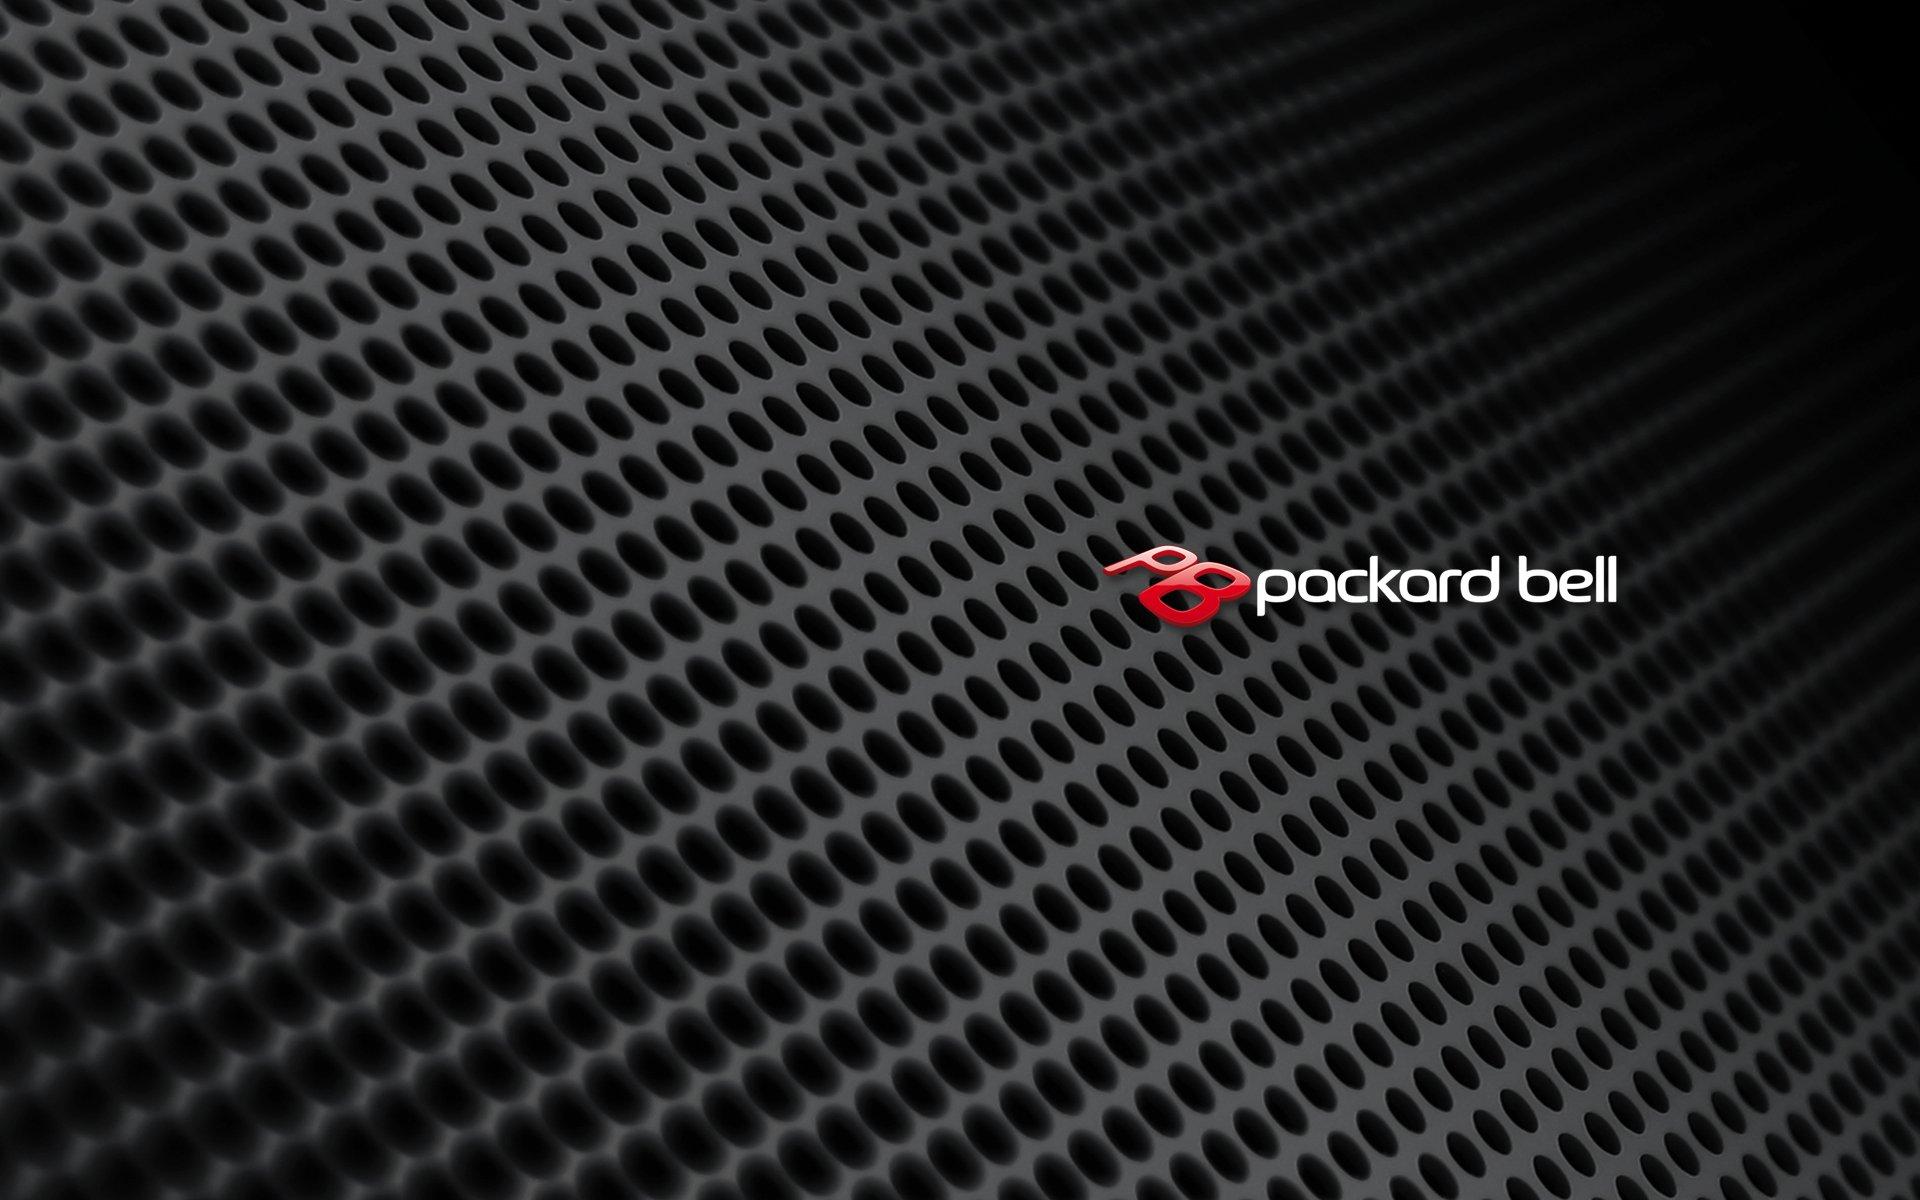 lenovo wallpaper hd for laptop